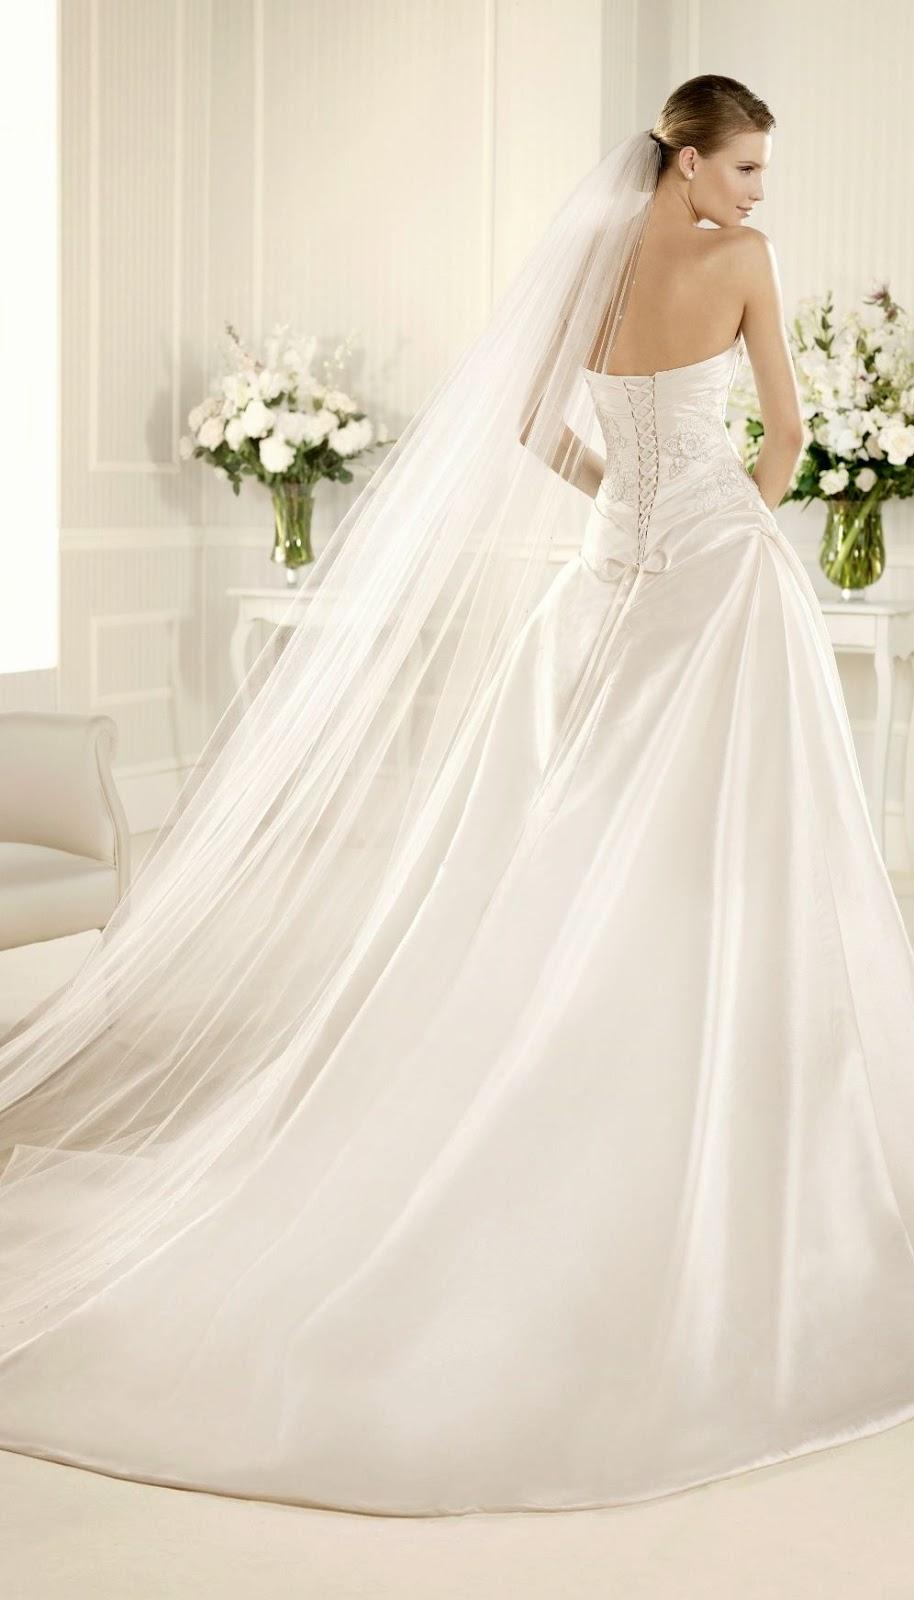 Hochzeitskleider Aus Der Türkei 2015